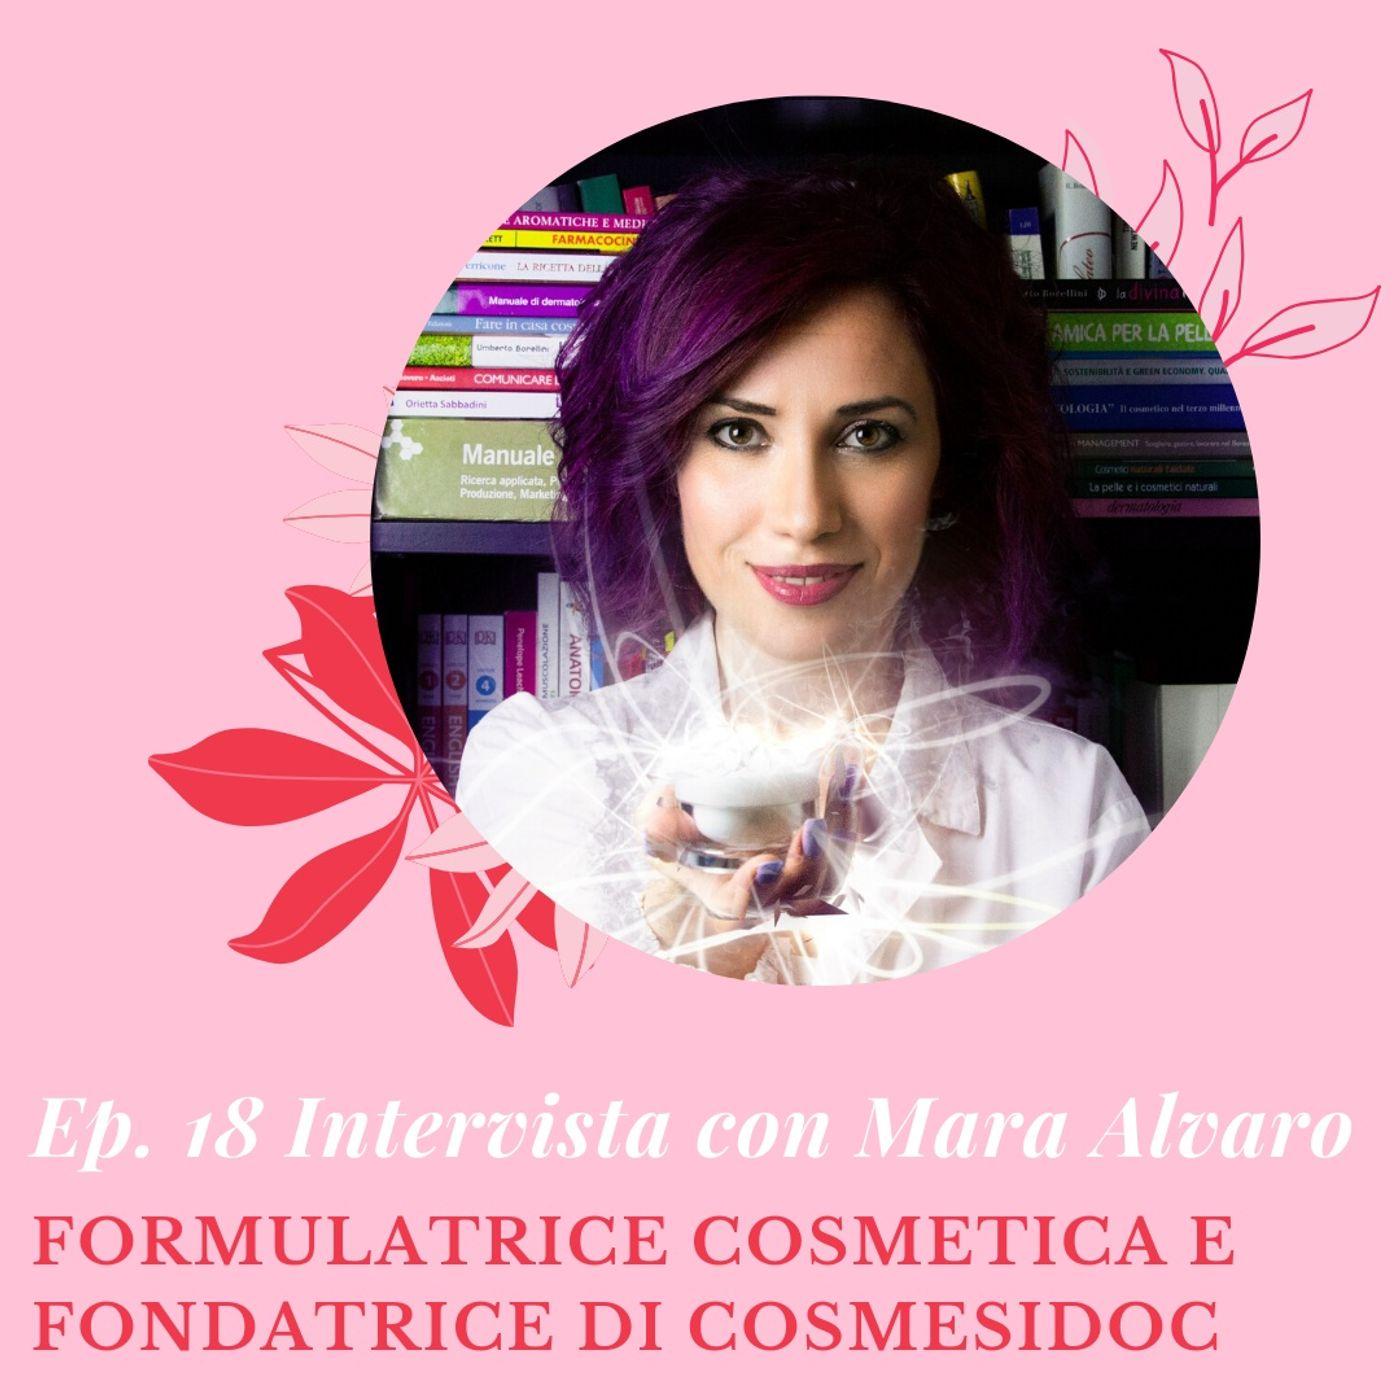 Ep. 18. Cosa c'è dietro ad un cosmetico, i falsi miti e le bufale del settore - Intervista a Mara Alvaro founder di CosmesiDoc